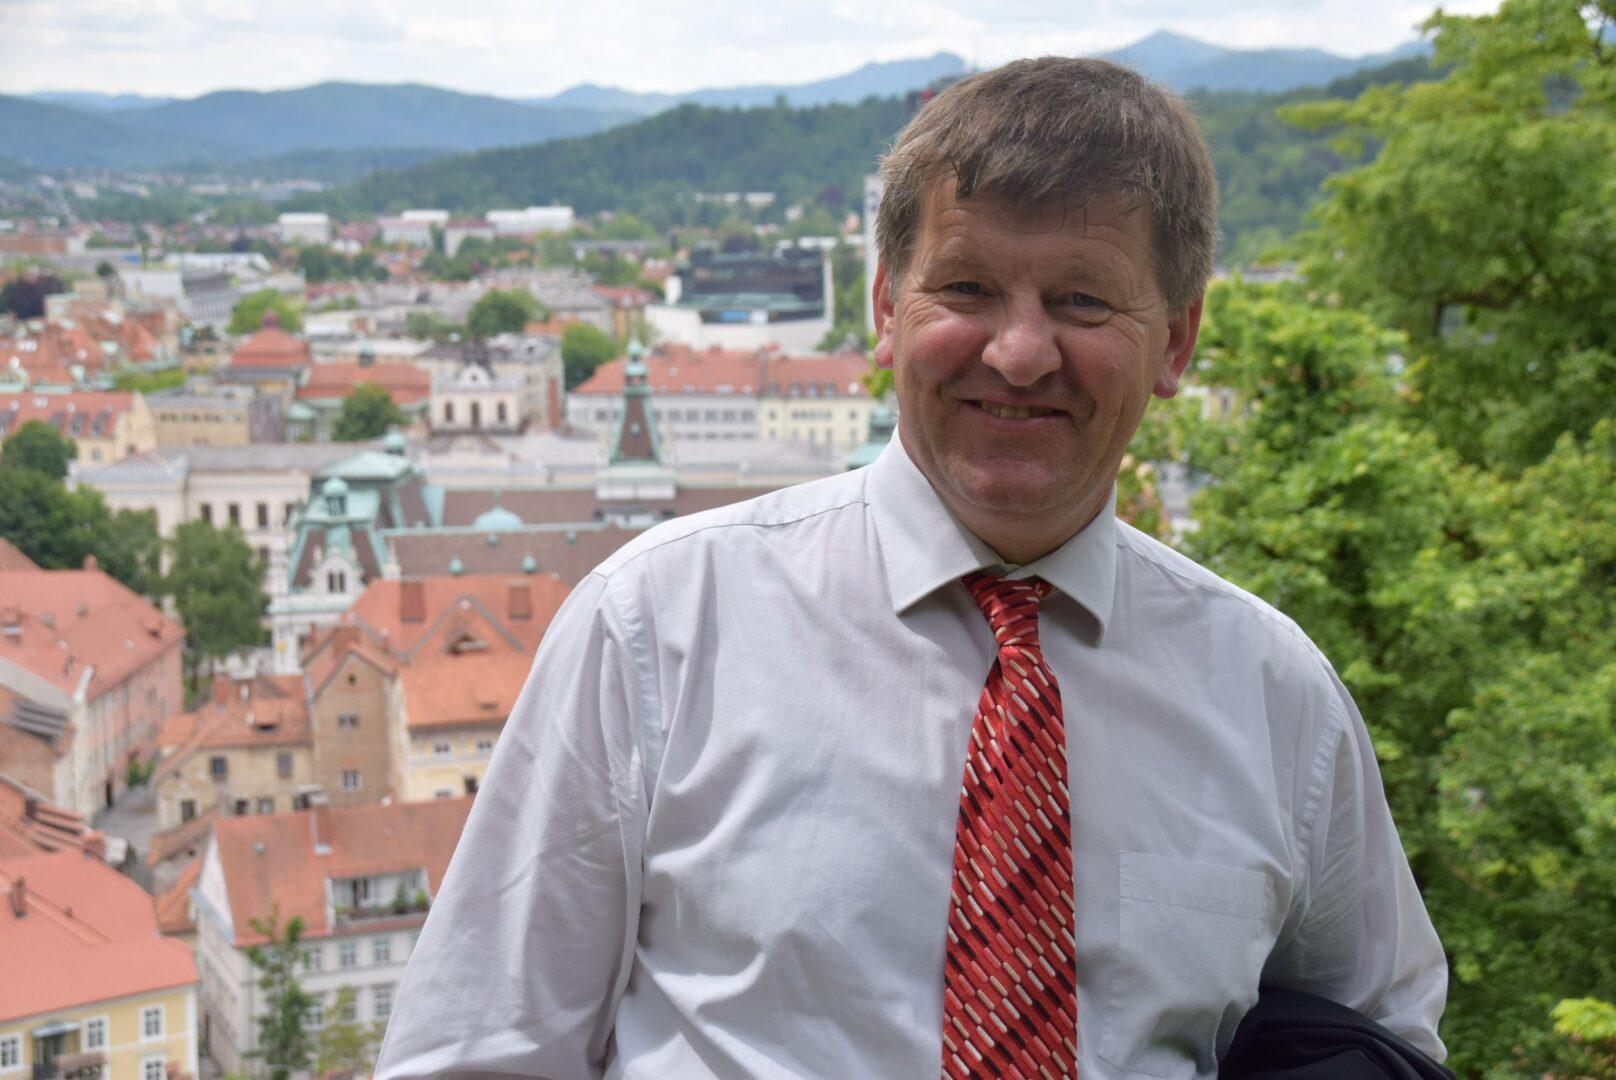 Pobudnik projekta Pametne vasi pri nas, evropski poslanec Franc Bogovič (SLS/EPP), je ob novici o JR PMIS dejal, da so na ta razpis slovenske občine čakale že dolgo časa.